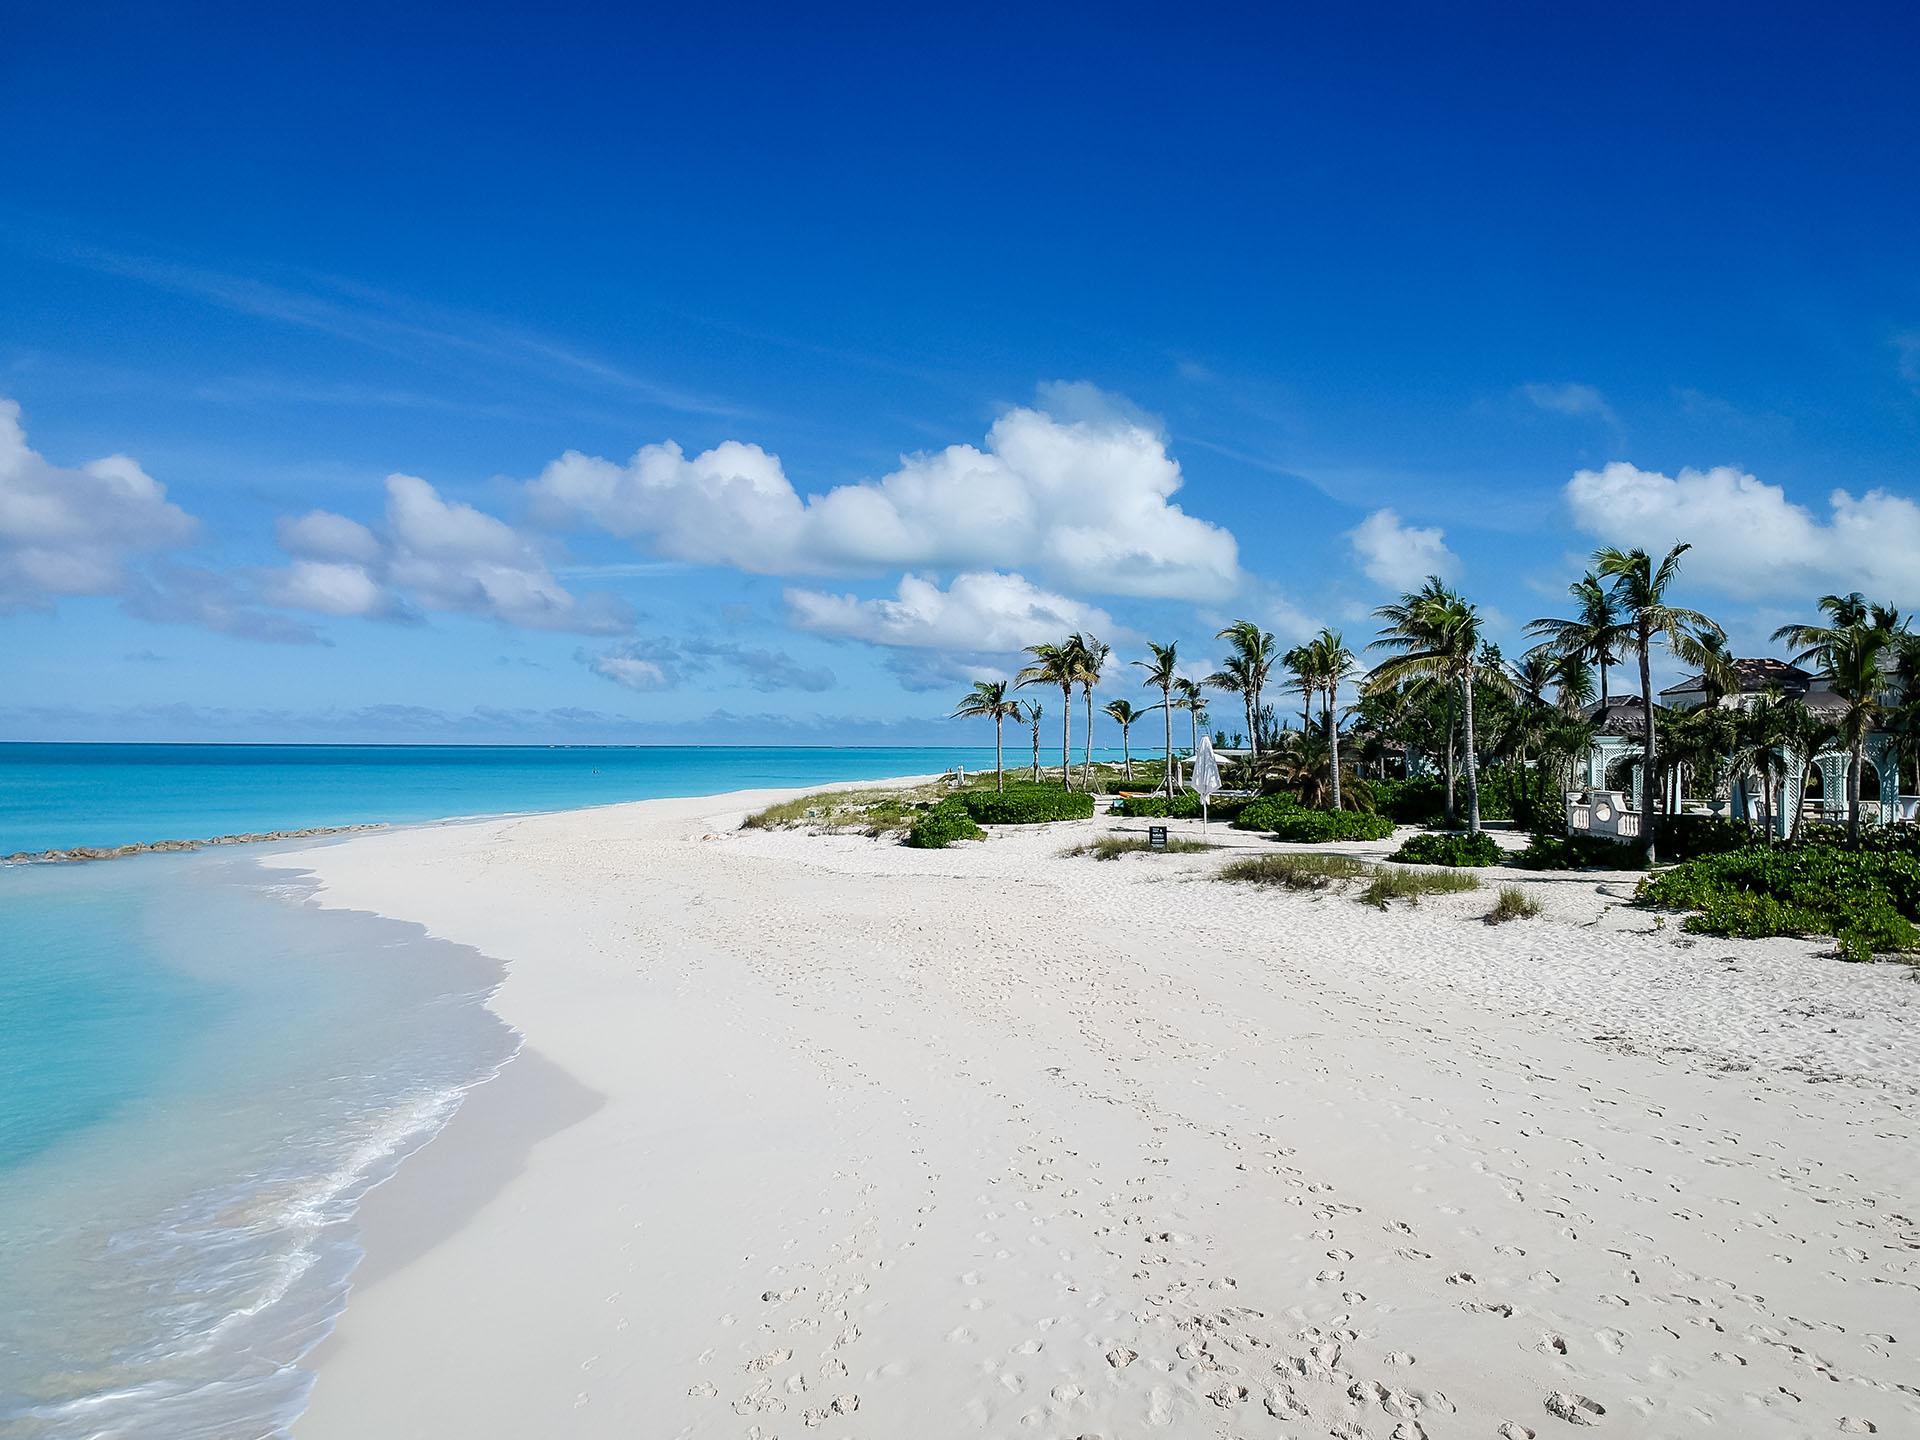 Esta playa virgen es la joya brillante de las Islas Turcas y Caicos. Toda la playa tiene poco más de 3 km de largo, sin contaminación, solo arena blanca y agua turquesa